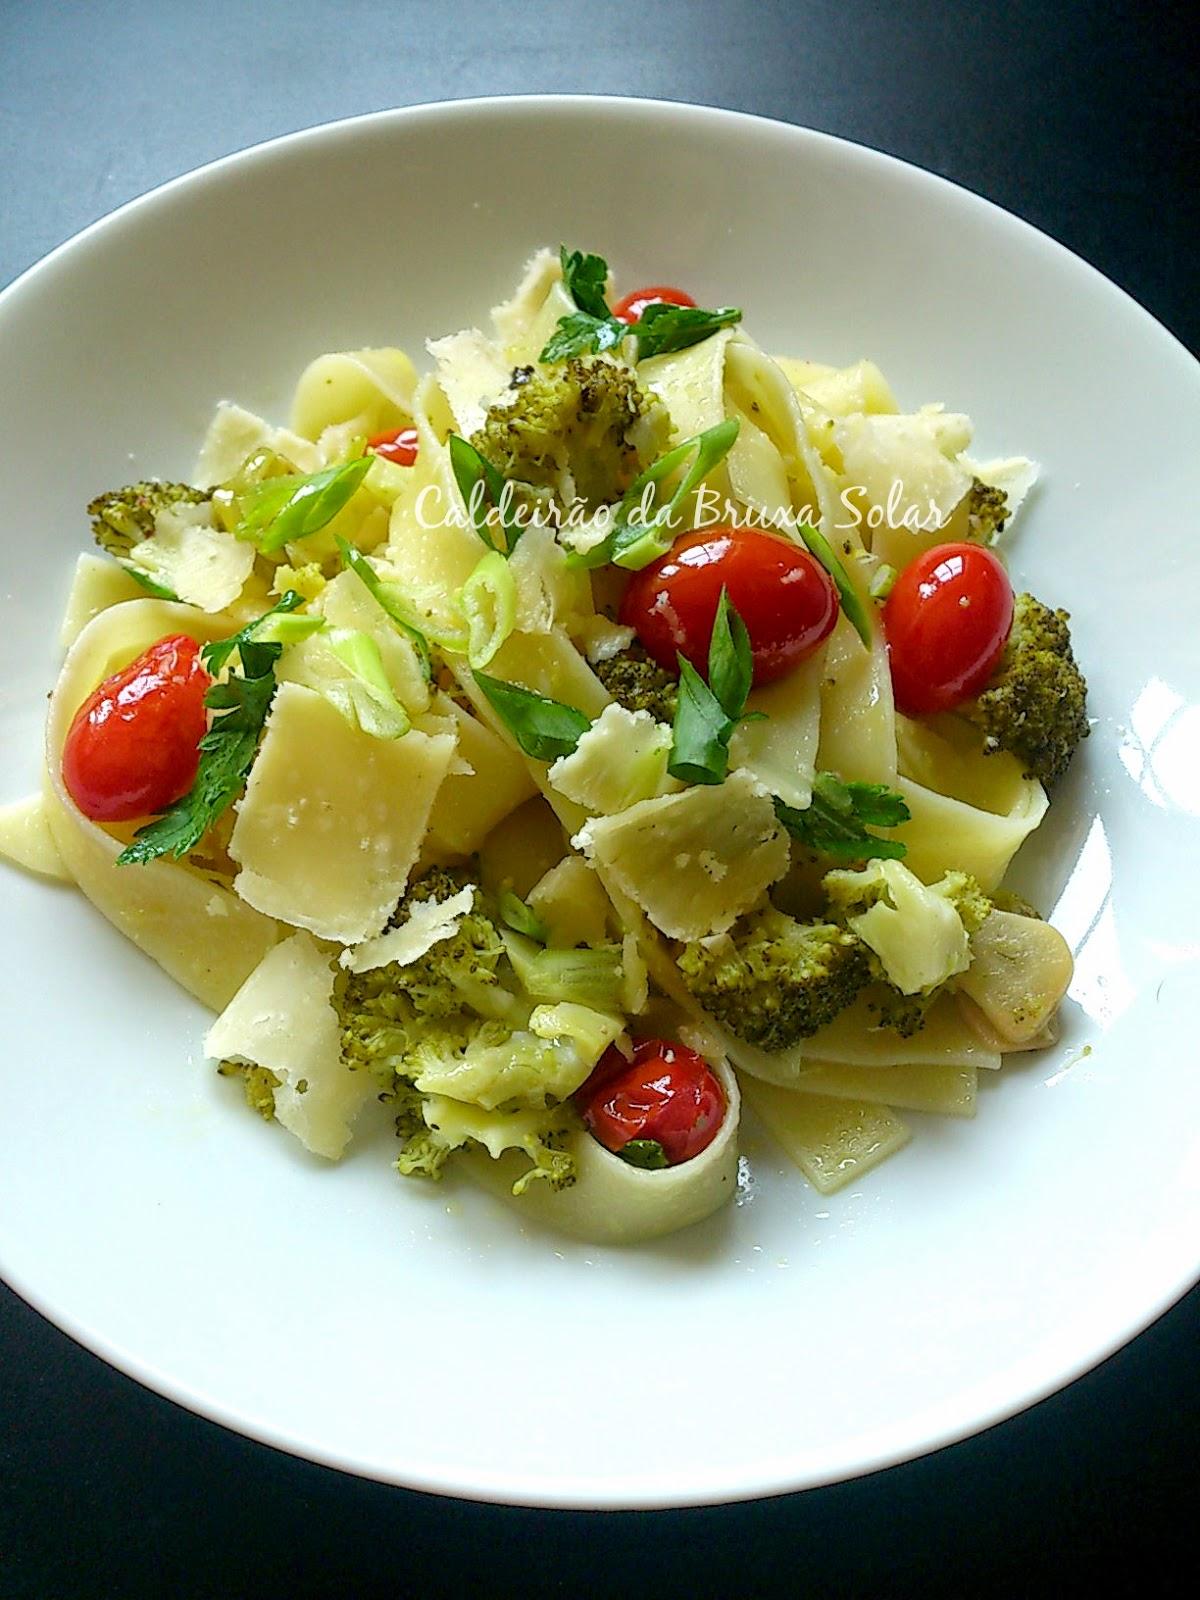 Pappardelle rápido com brócolis, tomates e limão